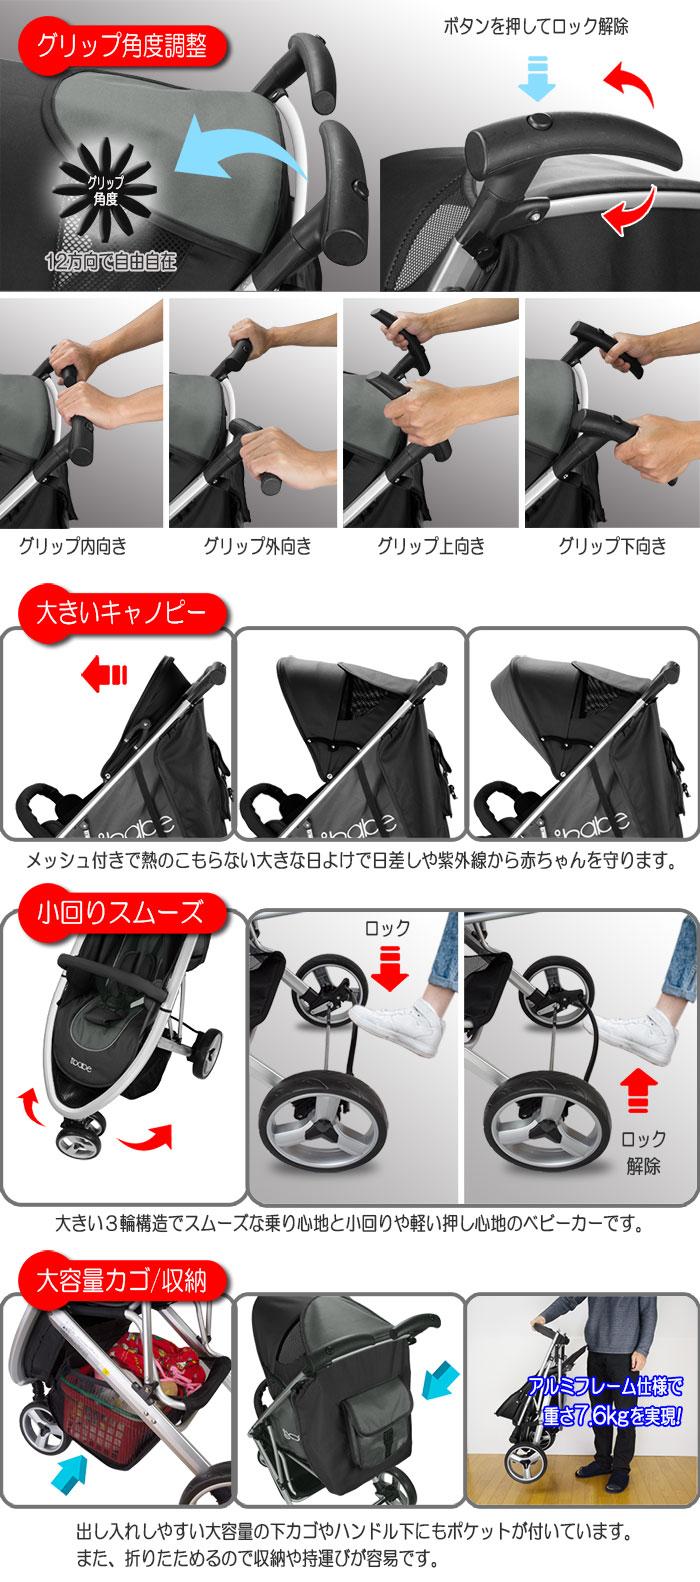 スタイリッシュに着せ替えもできるA型ベビーカー【ibabe】ブラック